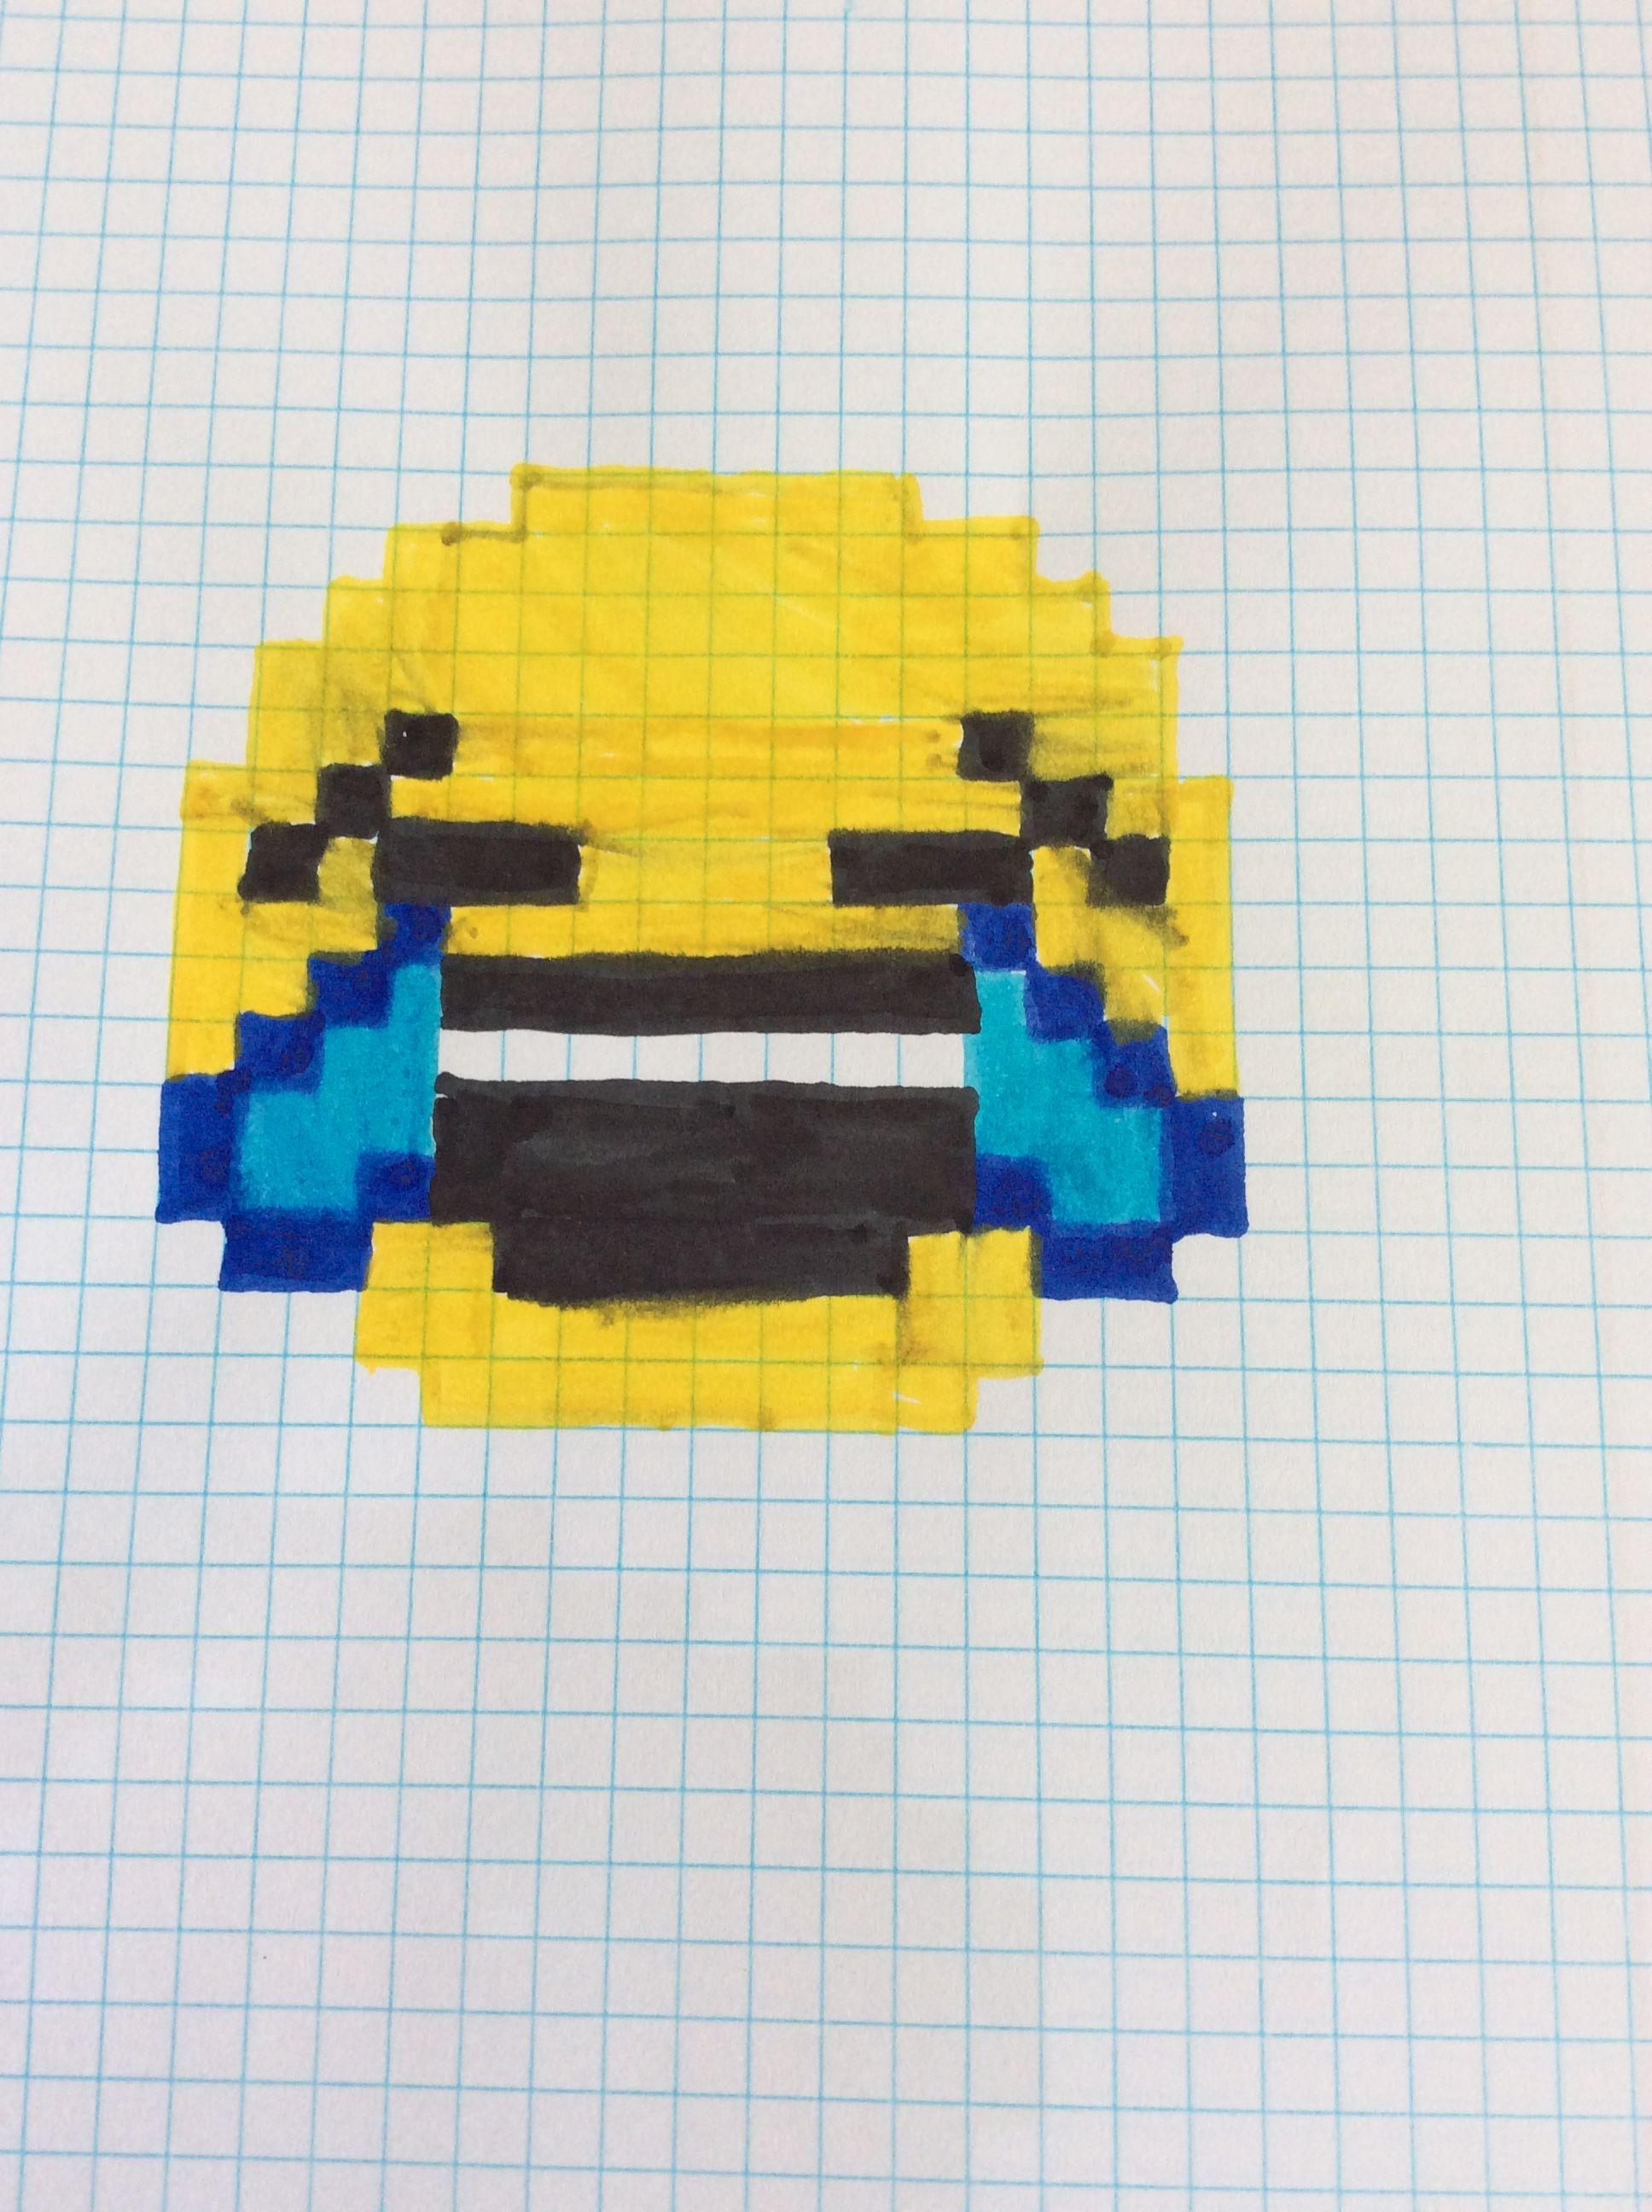 images?q=tbn:ANd9GcQh_l3eQ5xwiPy07kGEXjmjgmBKBRB7H2mRxCGhv1tFWg5c_mWT Pixel Art Emoji @koolgadgetz.com.info